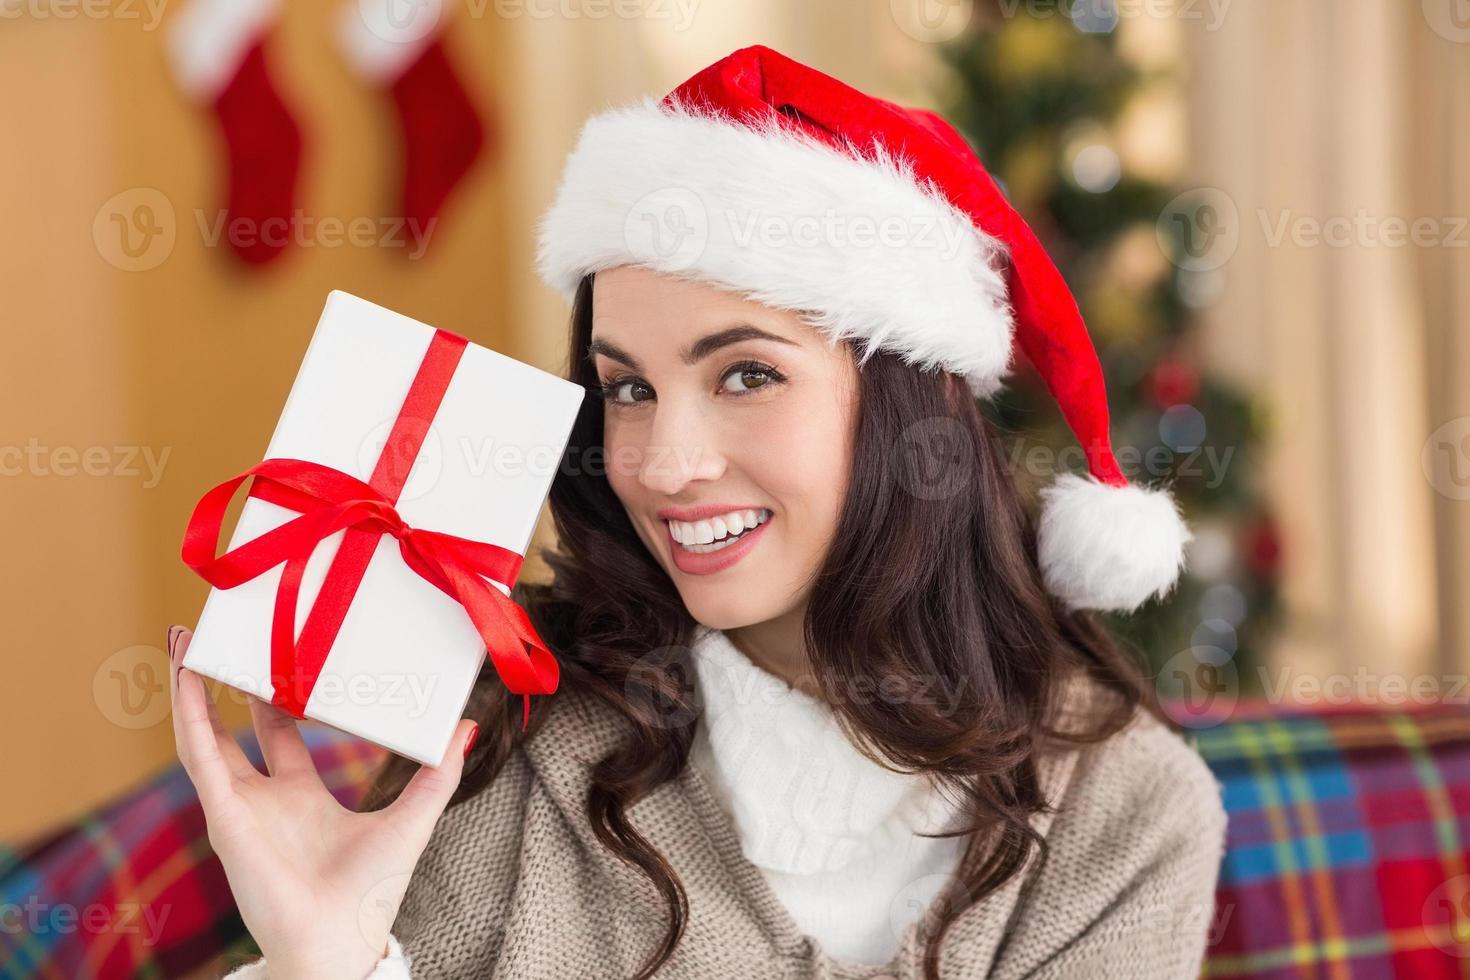 feestelijke brunette met cadeau met kerstmis foto